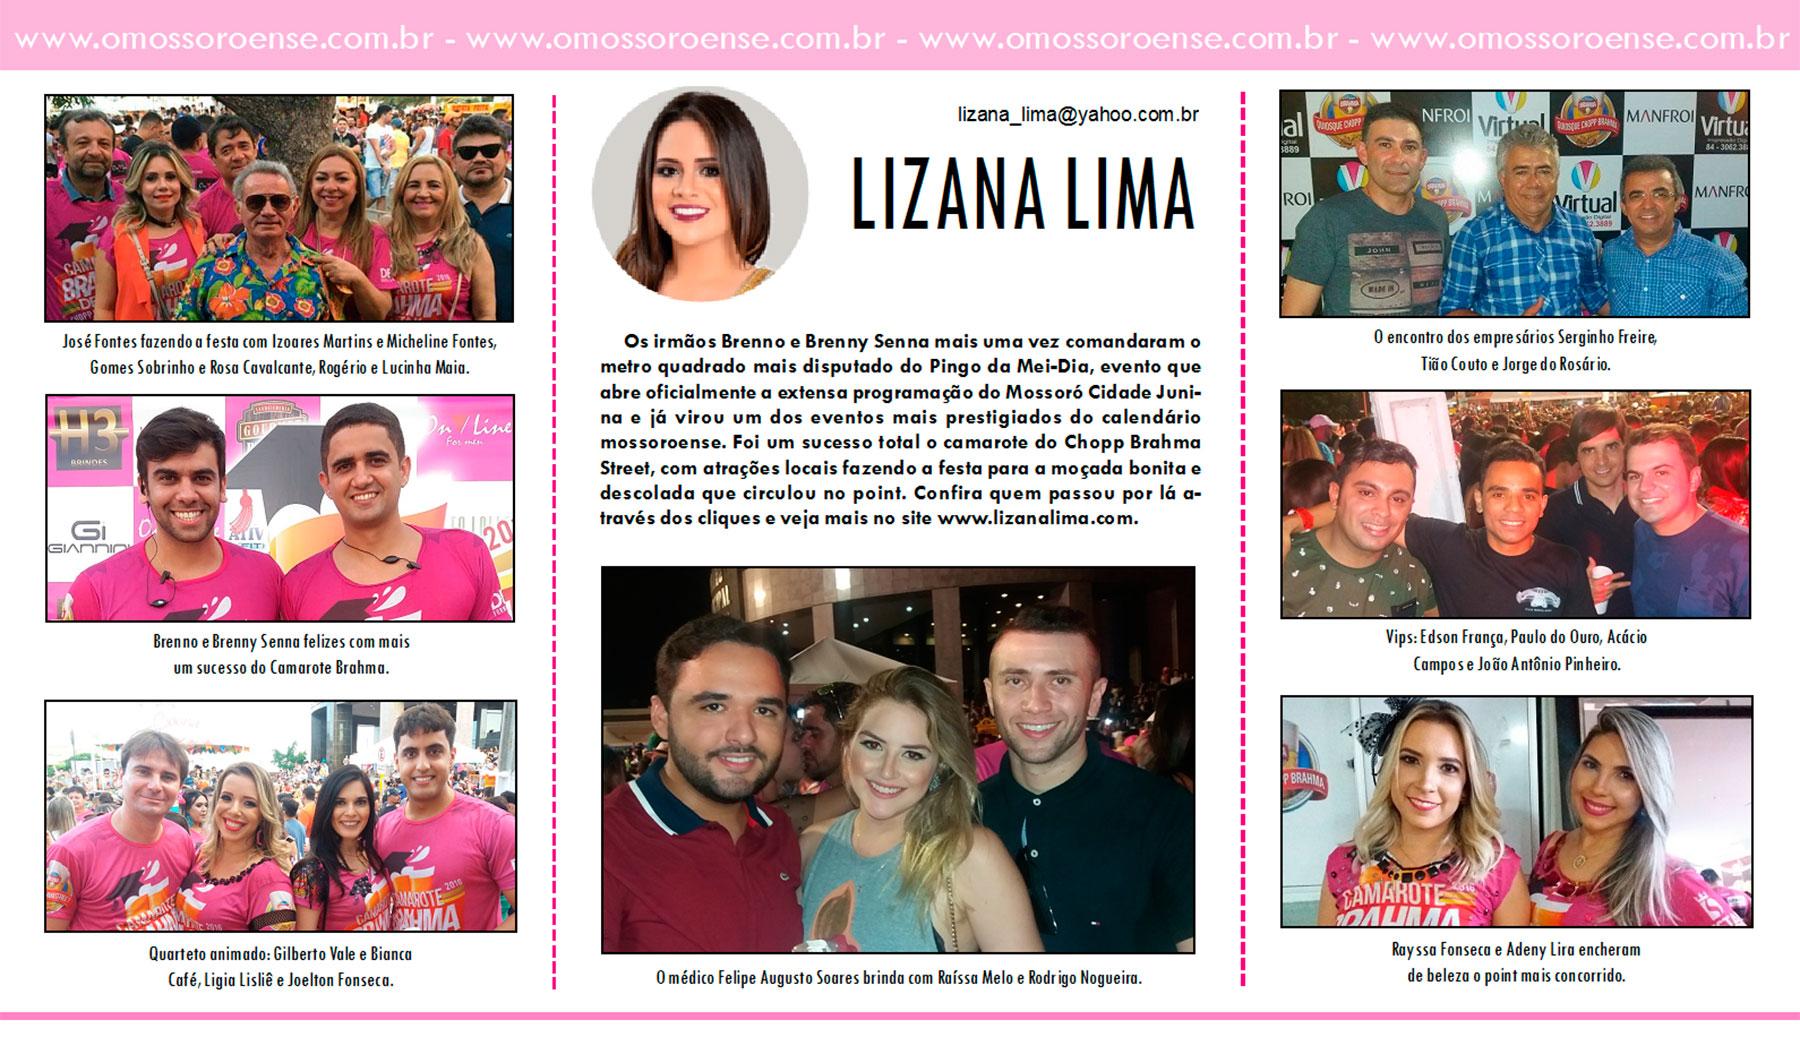 LIZANA-LIMA-06-06-2016